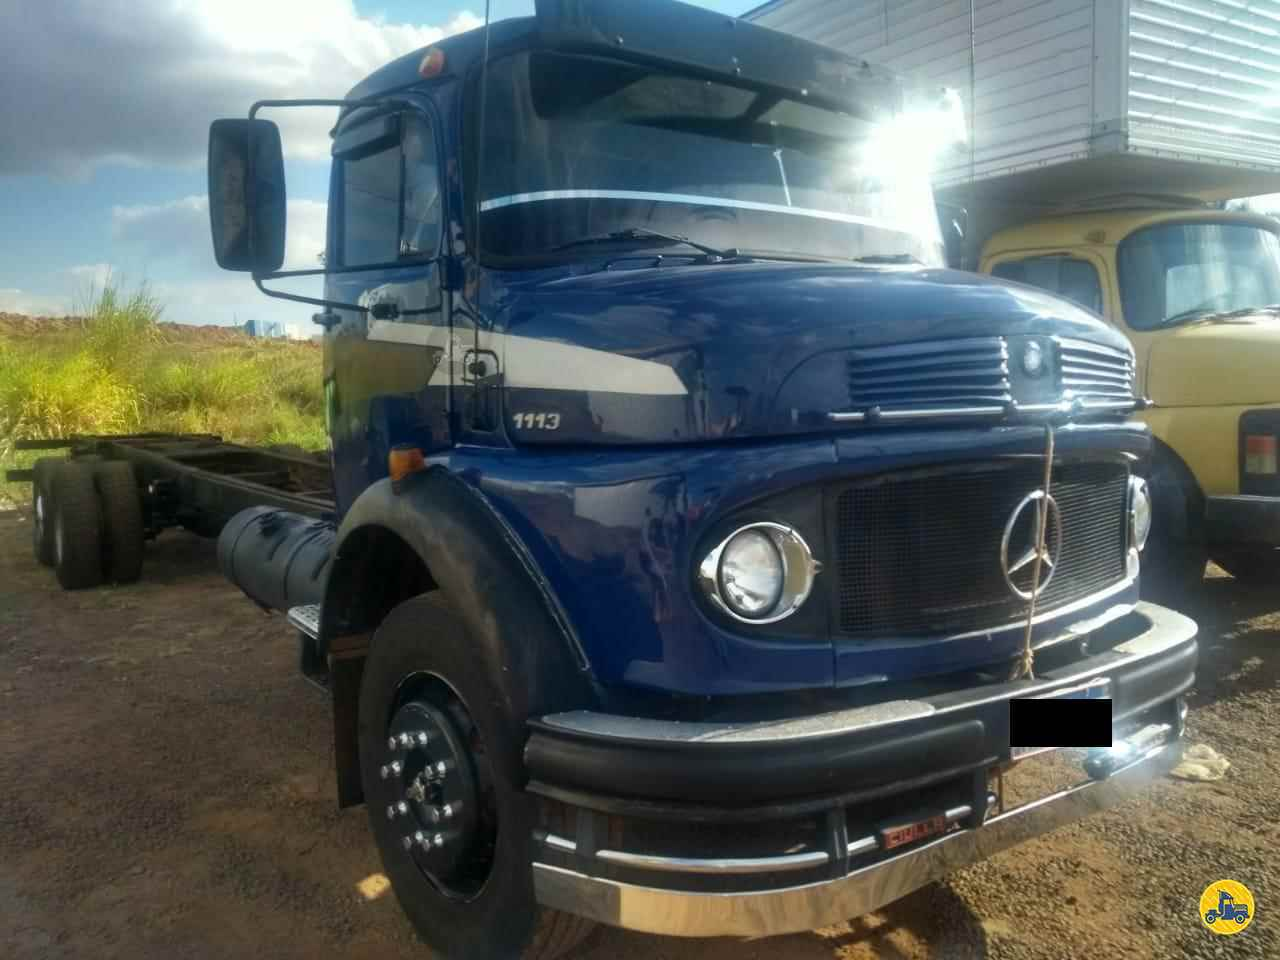 CAMINHAO MERCEDES-BENZ MB 1113 Chassis Truck 6x2 Barbosa Caminhões LINS SÃO PAULO SP